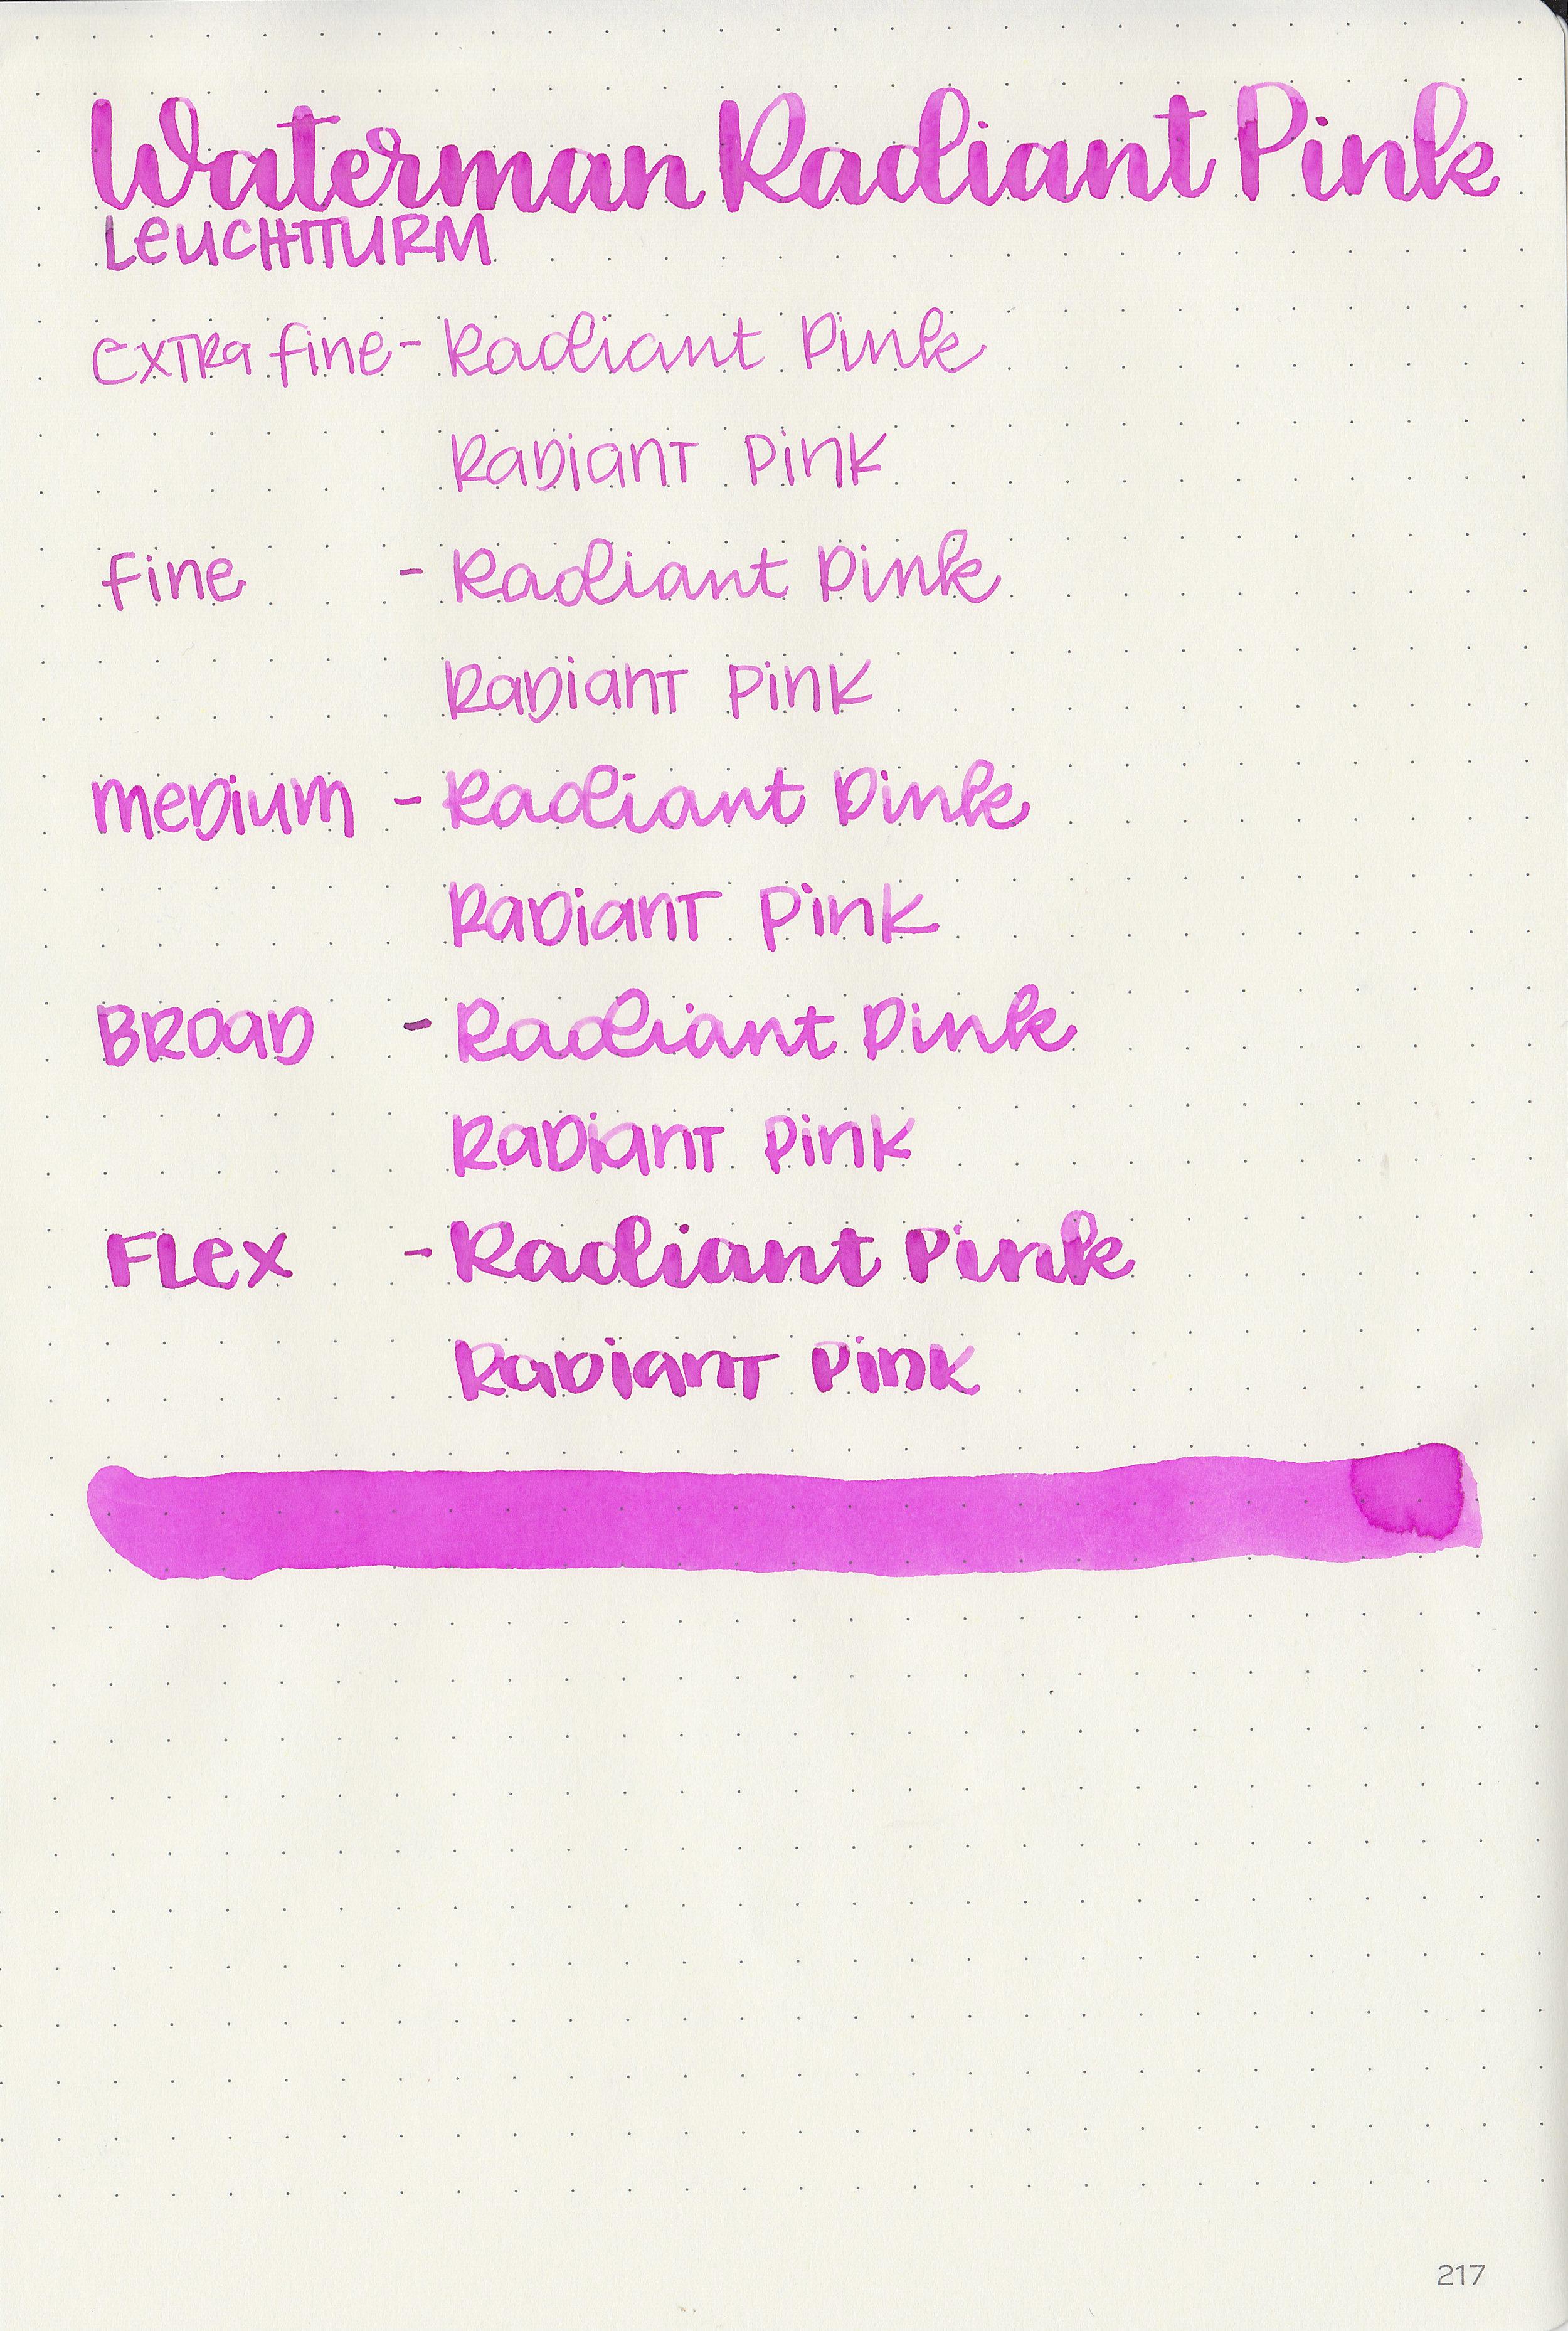 wtr-radiant-pink-11.jpg